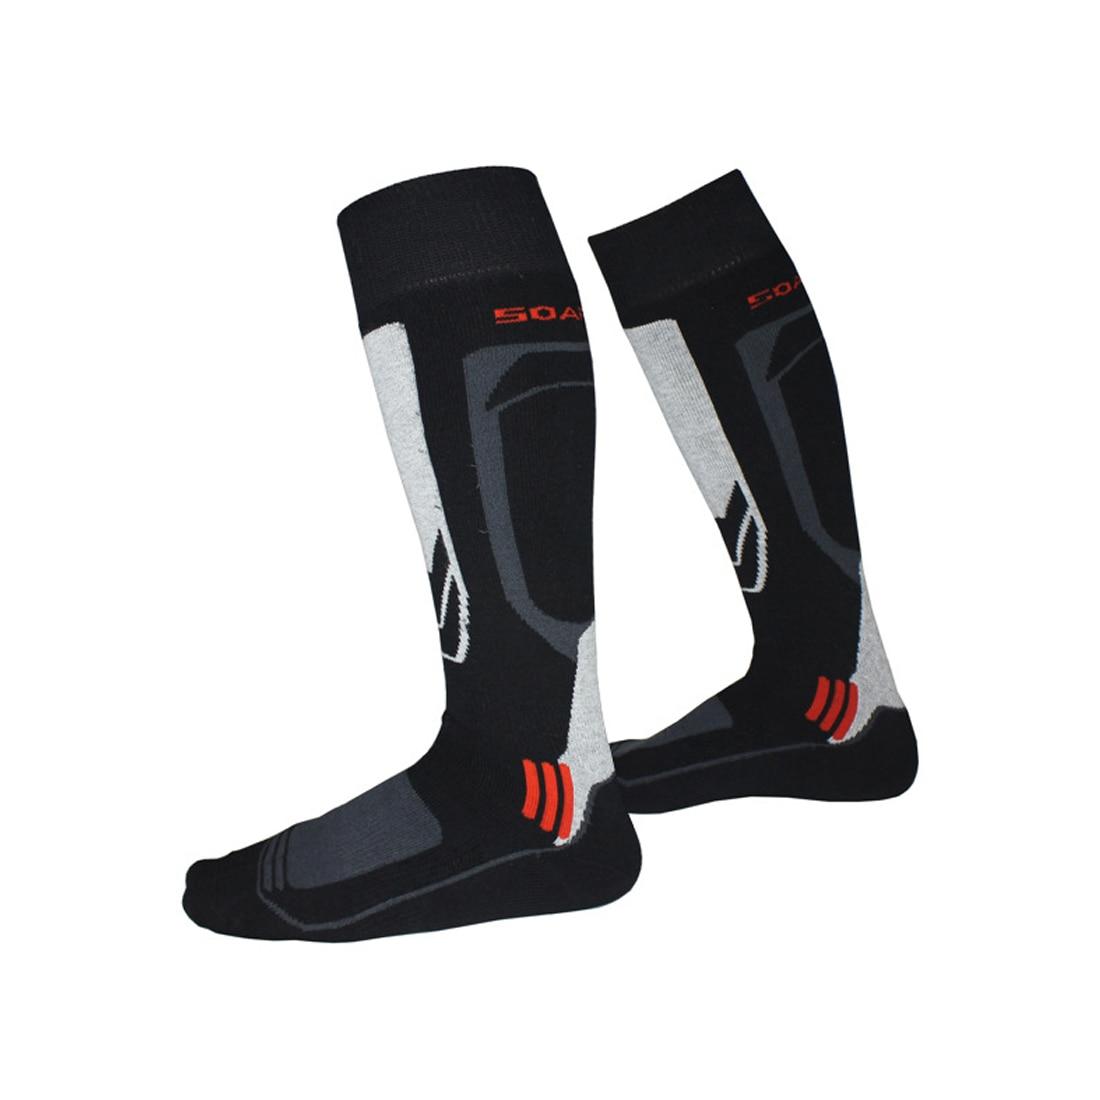 Одежда высшего качества зимние теплые Для мужчин Термальность лыжный Носки толстые хлопчатобумажные спортивные сноуборд Лыжный Спорт Фут...